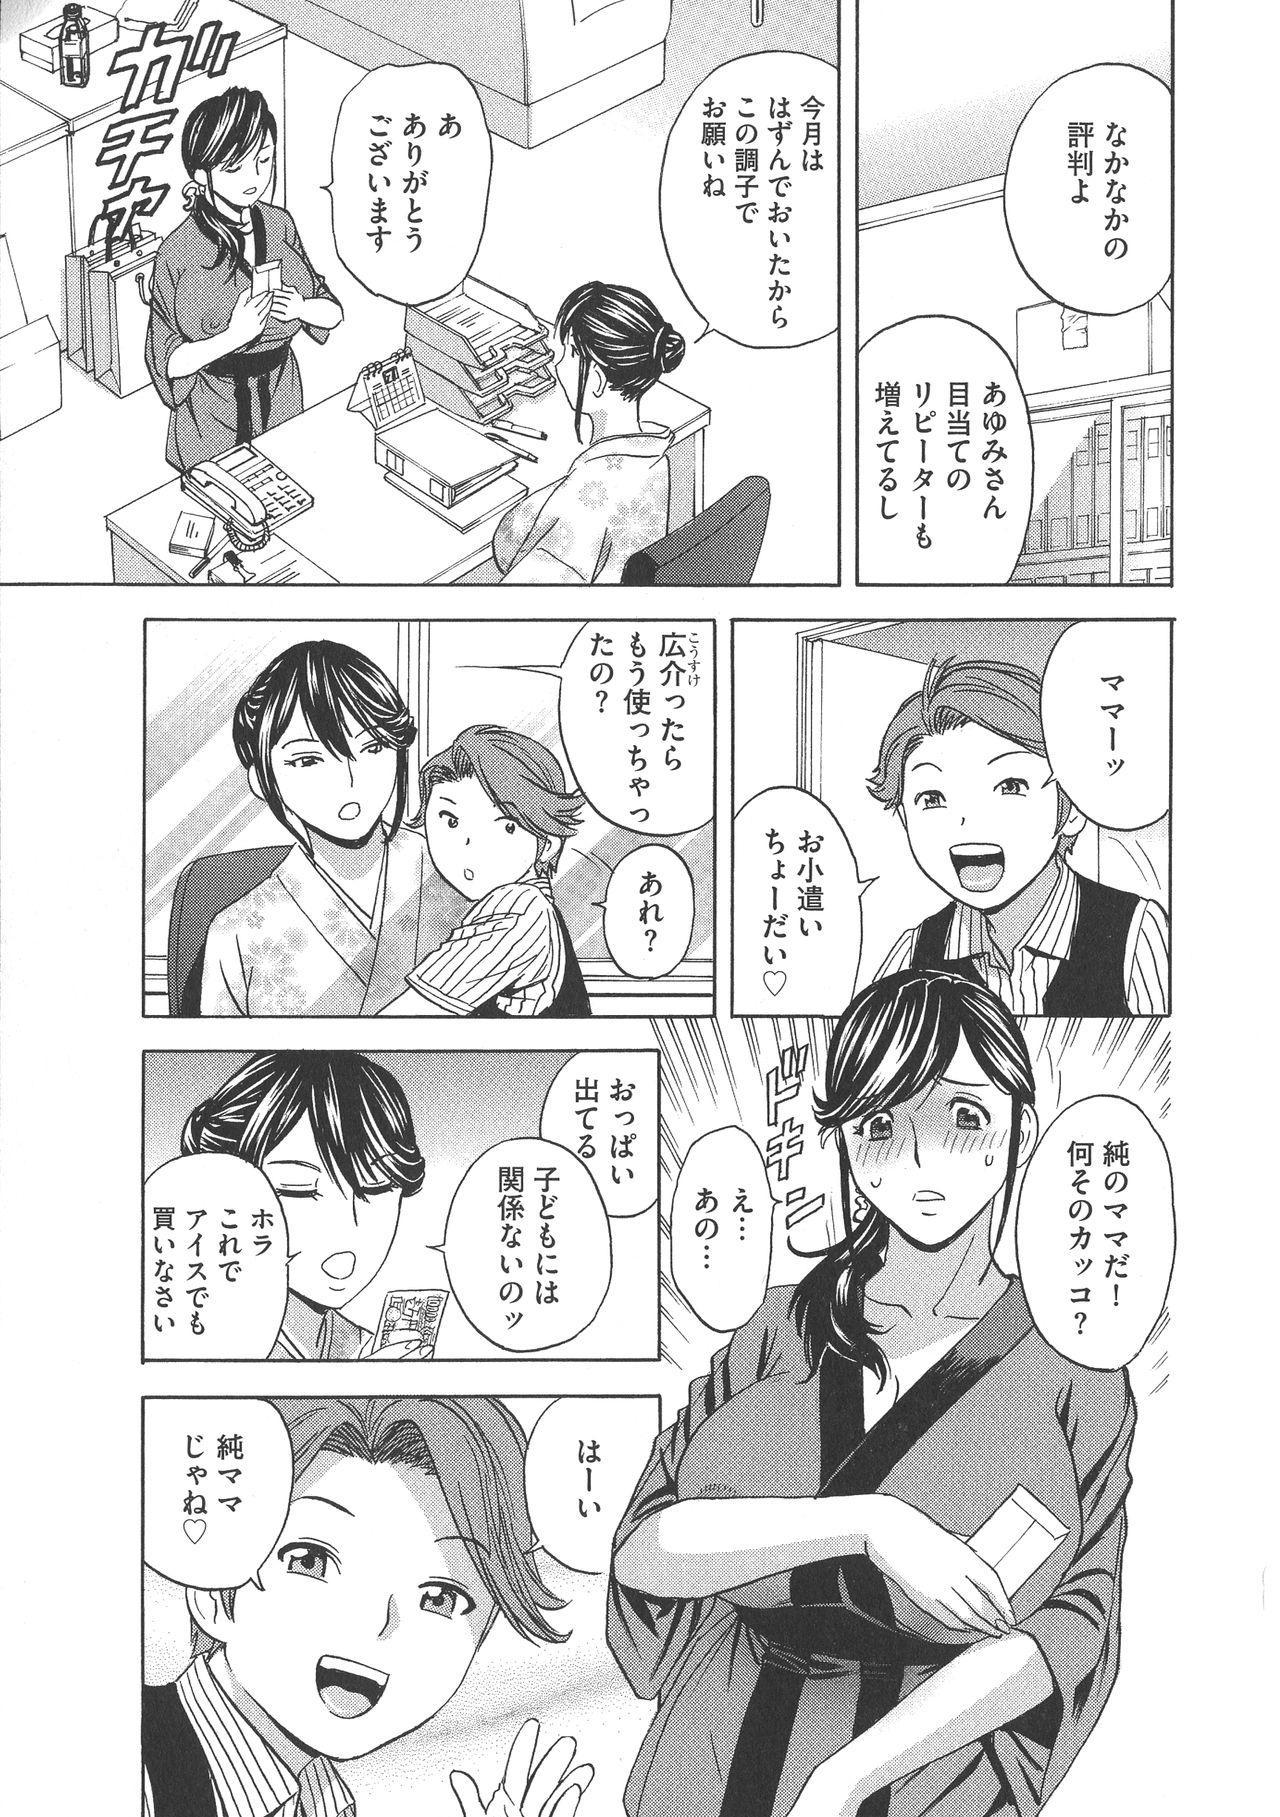 Chijoku ni Modaeru Haha no Chichi… 40